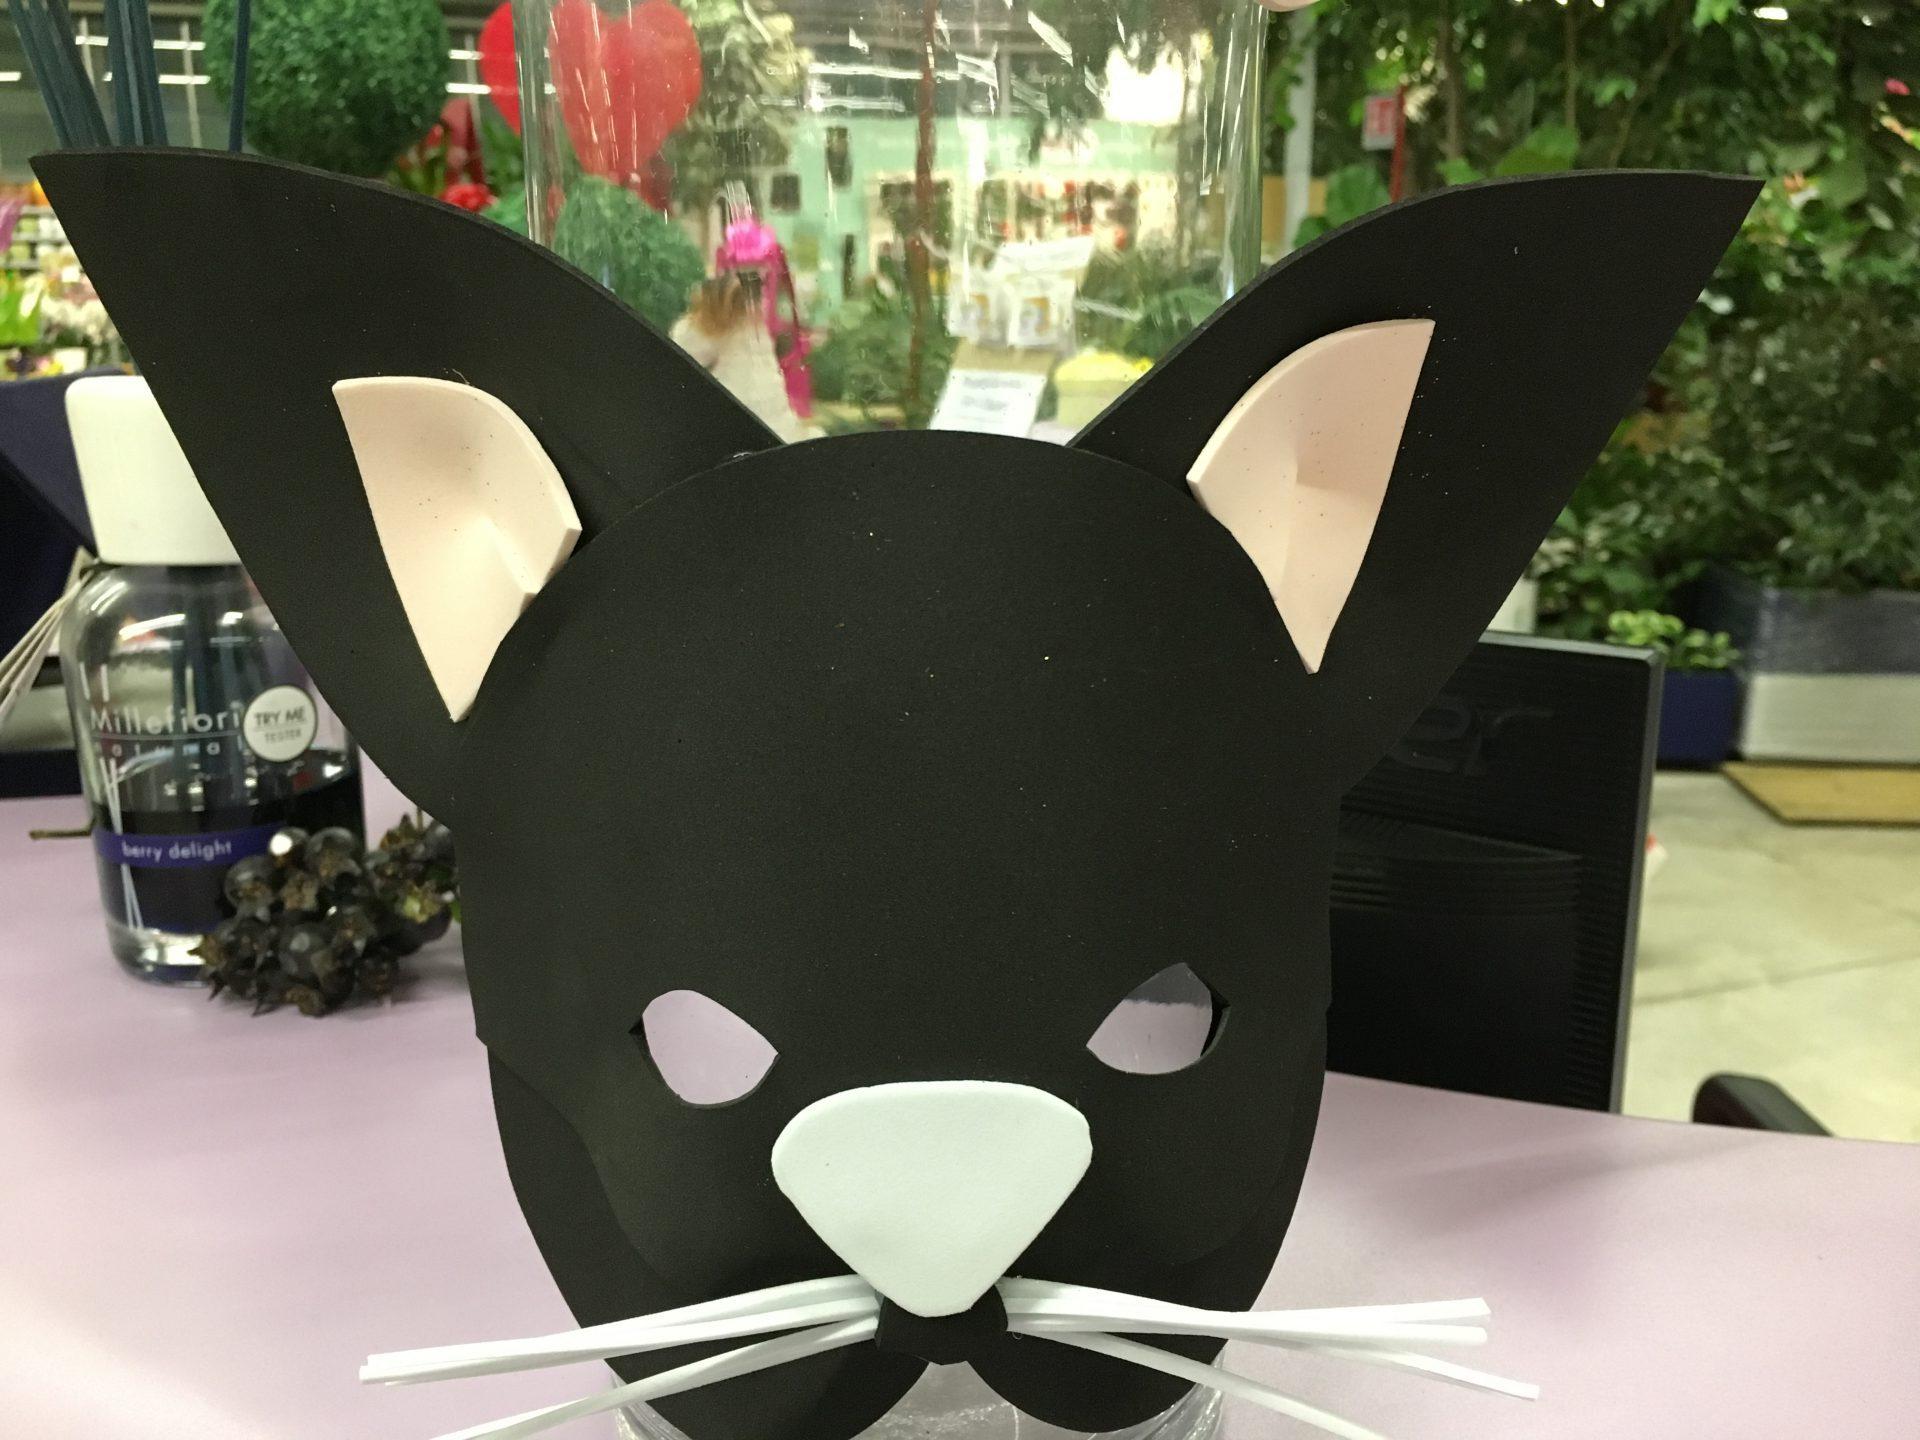 Creati vale crea la tua maschera di carnevale garden - Crea la tua casa ...